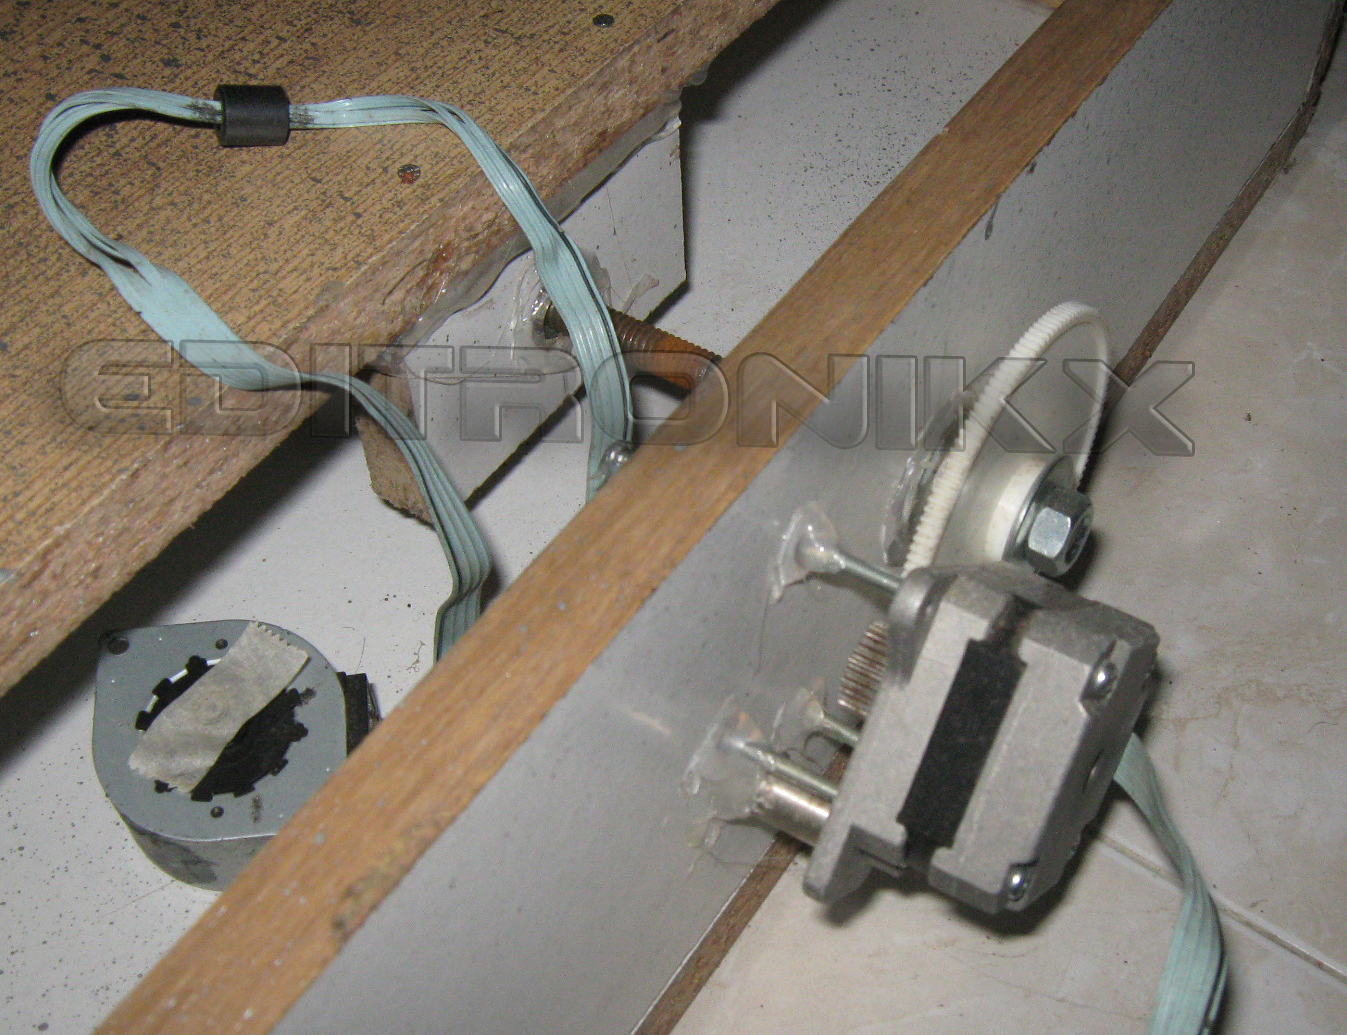 La electr nica a tu alcance maquina cnc casera - Maquina de palomitas casera ...